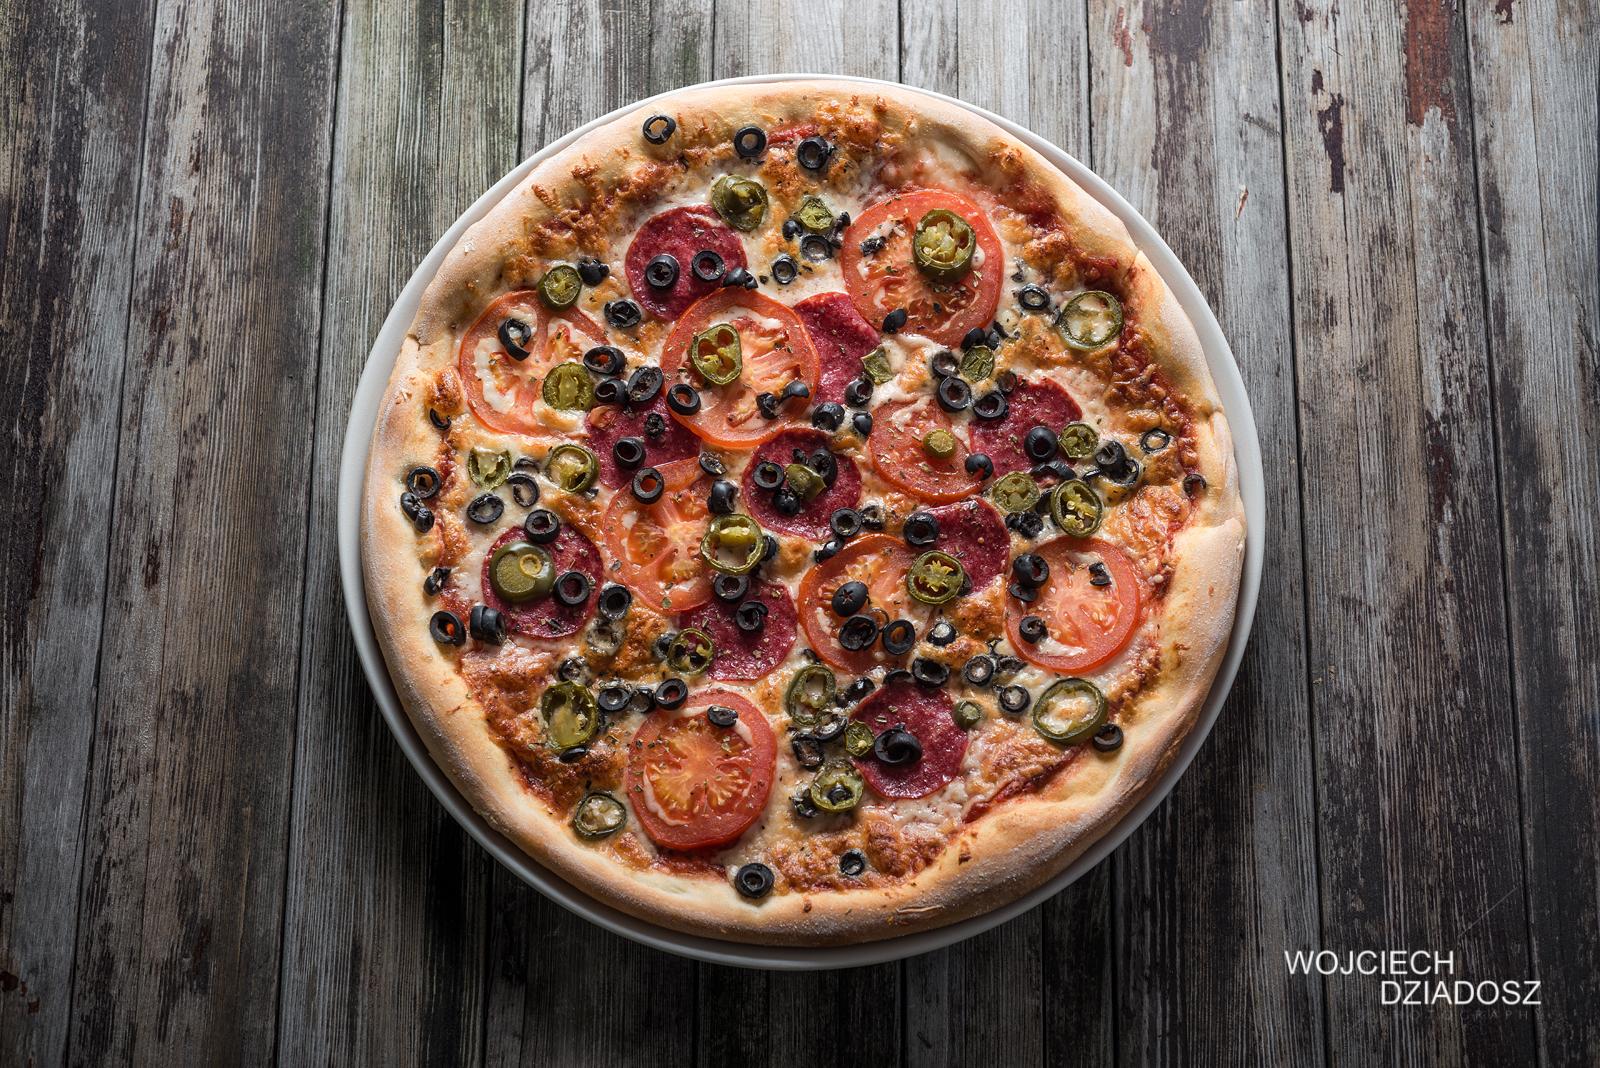 fotografia kulinarna wrocław - pizzeria sopranos 2